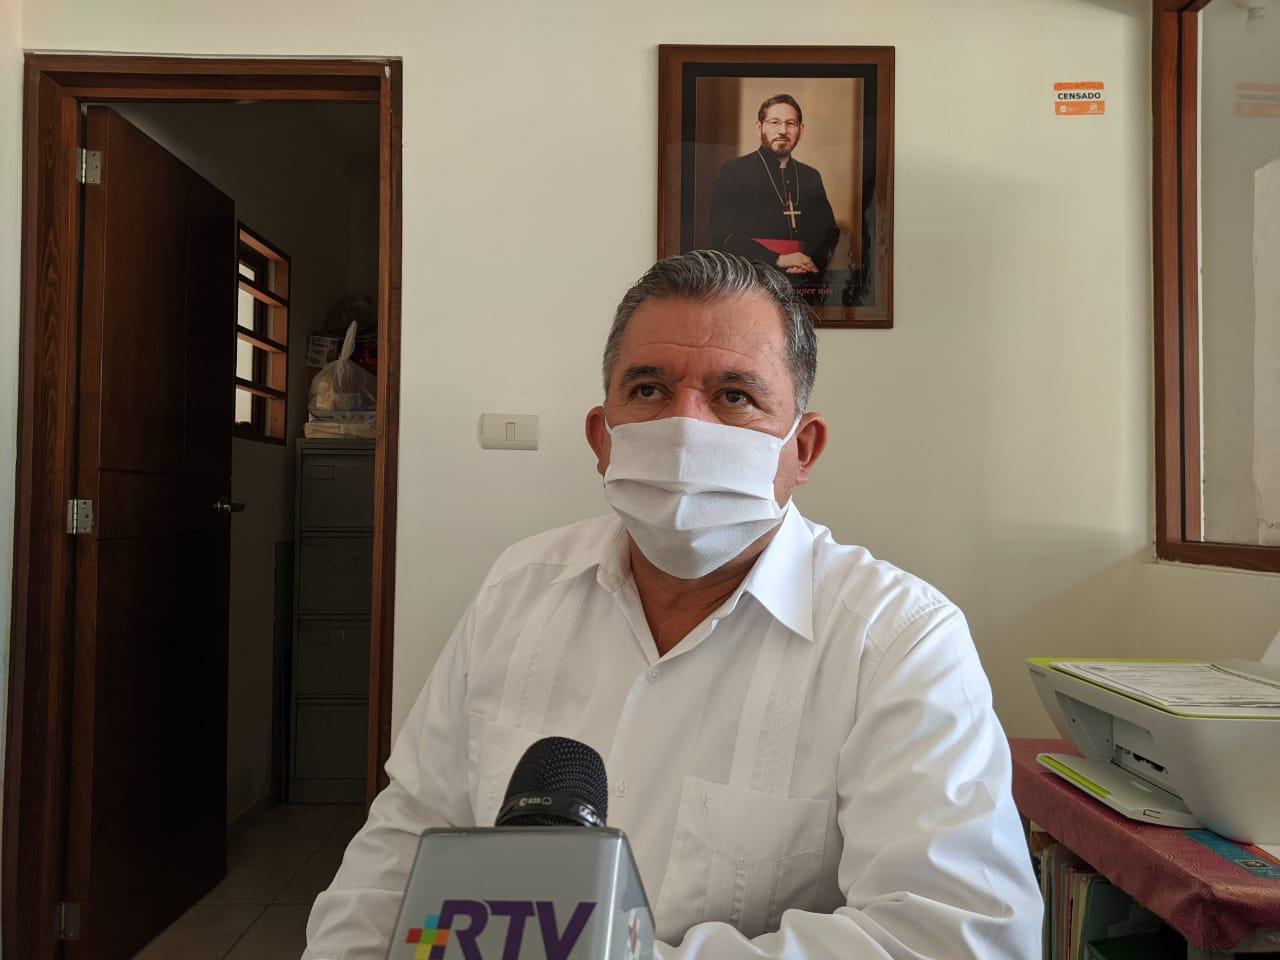 Iglesia católica abrió las Escuelas de Perdón y Reconciliación: Suazo Reyes